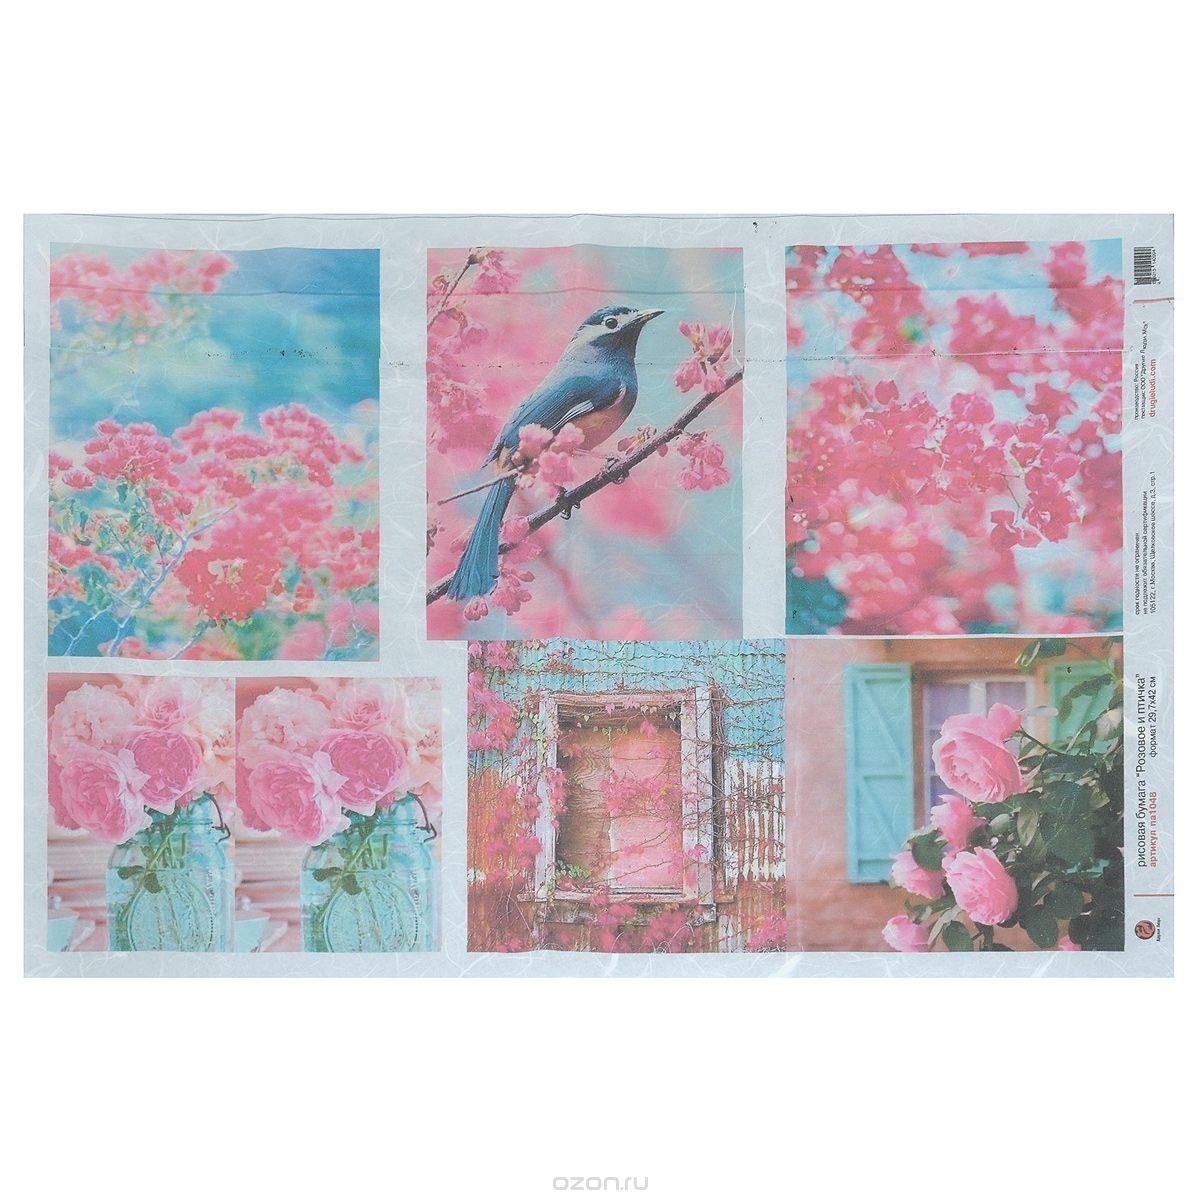 Рисовая бумага для декупажа Розовое и птичка, А3